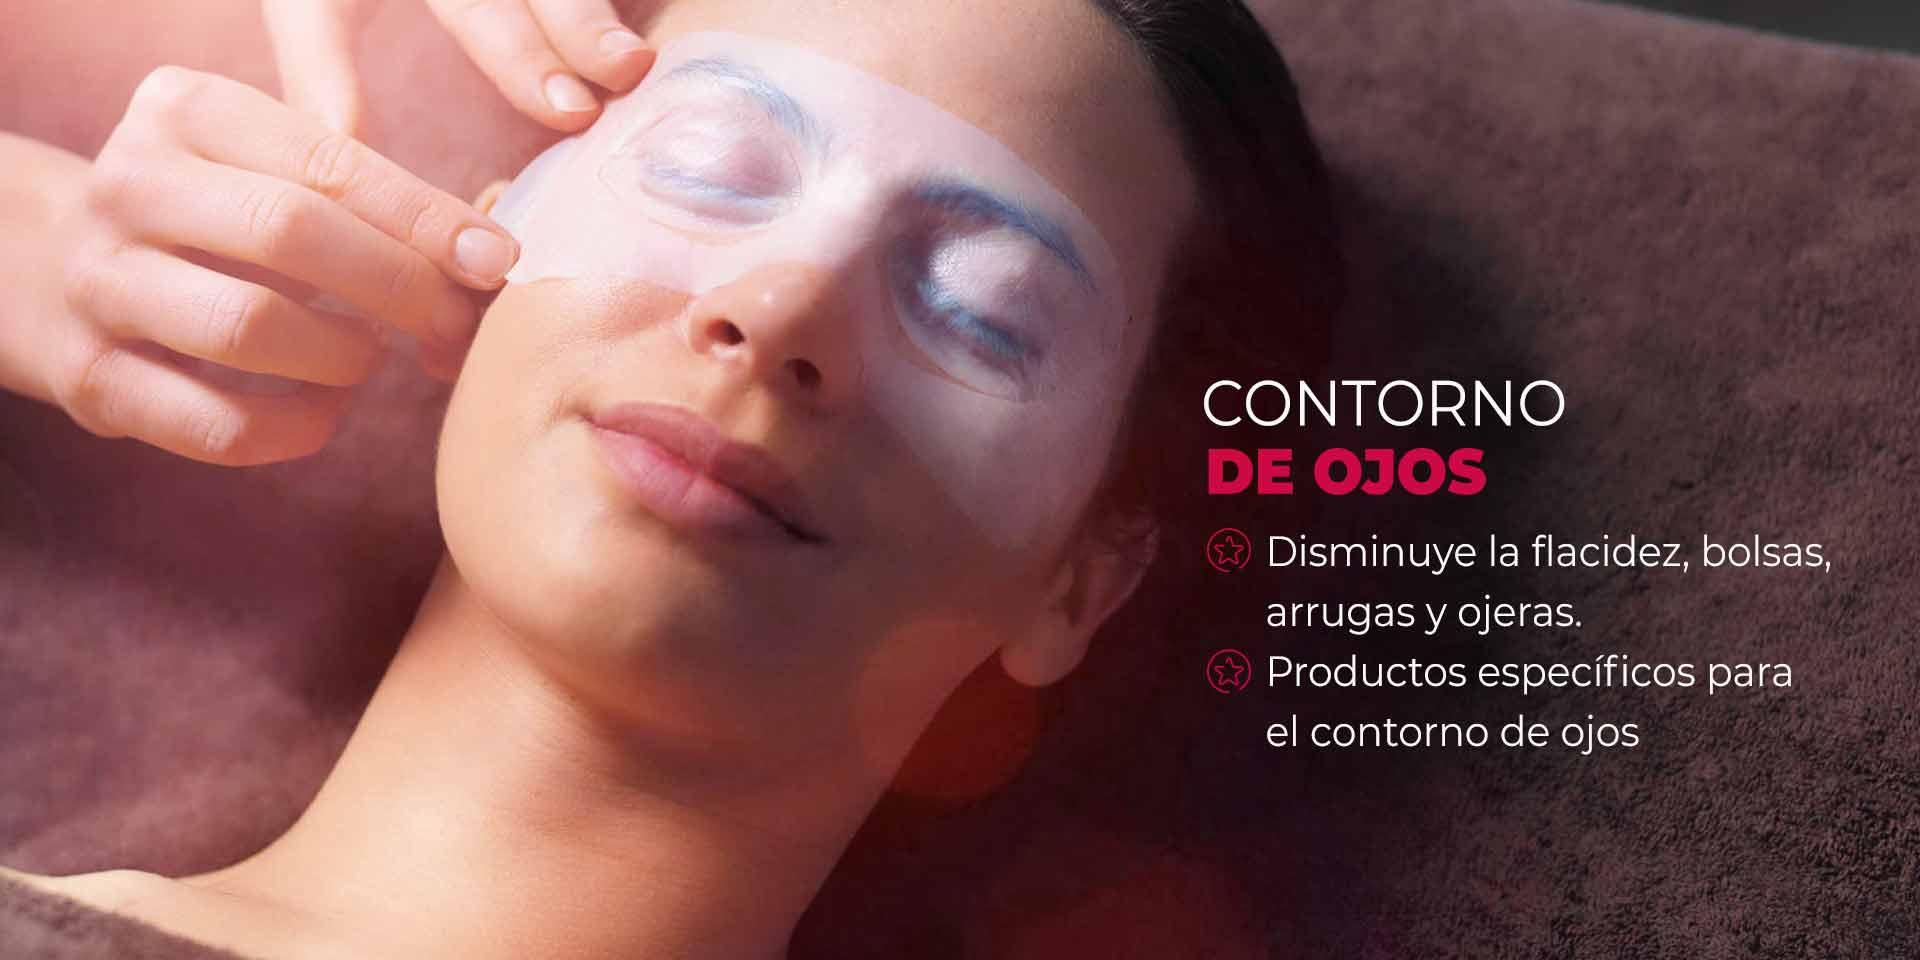 Tratamiento anti-envejecimiento para el contorno de ojos